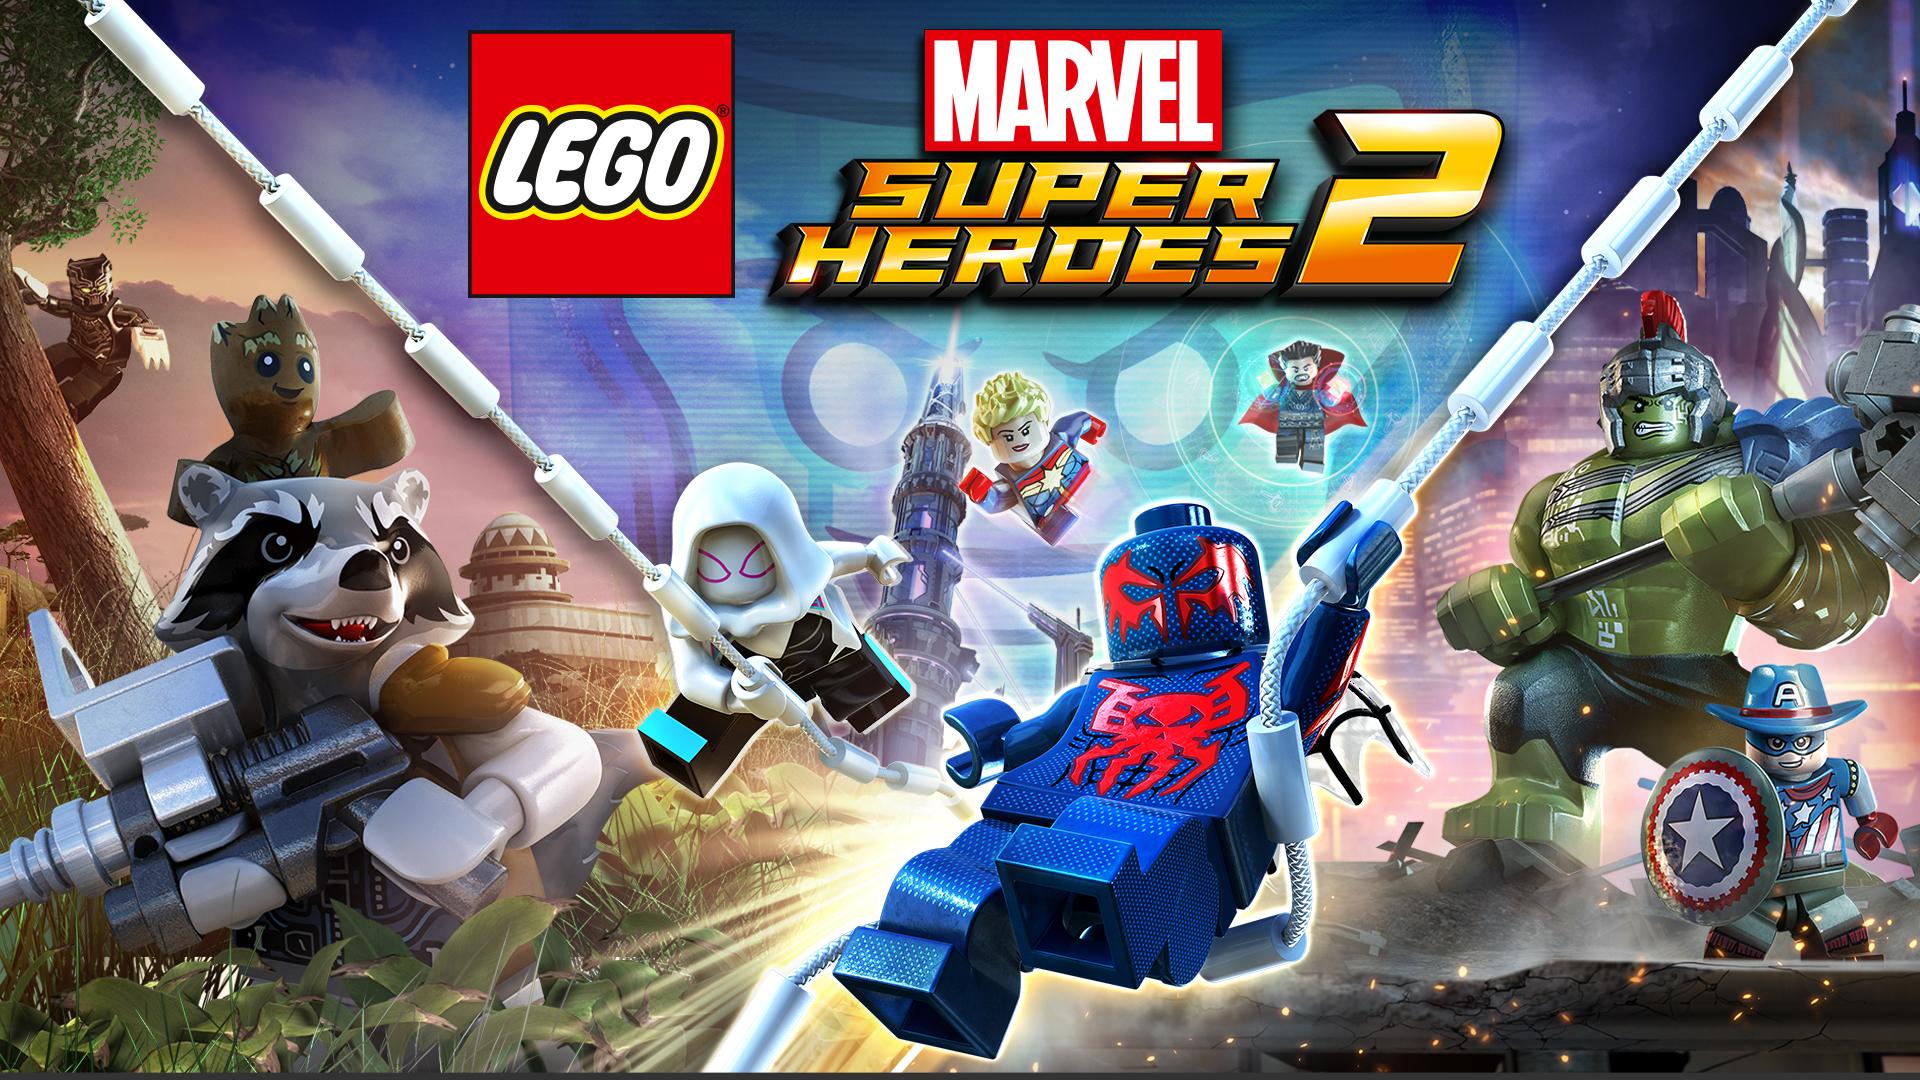 Jeu Lego Marvel Super Heroes 2 sur Nintendo Switch (Dématérialisé, eShop US)